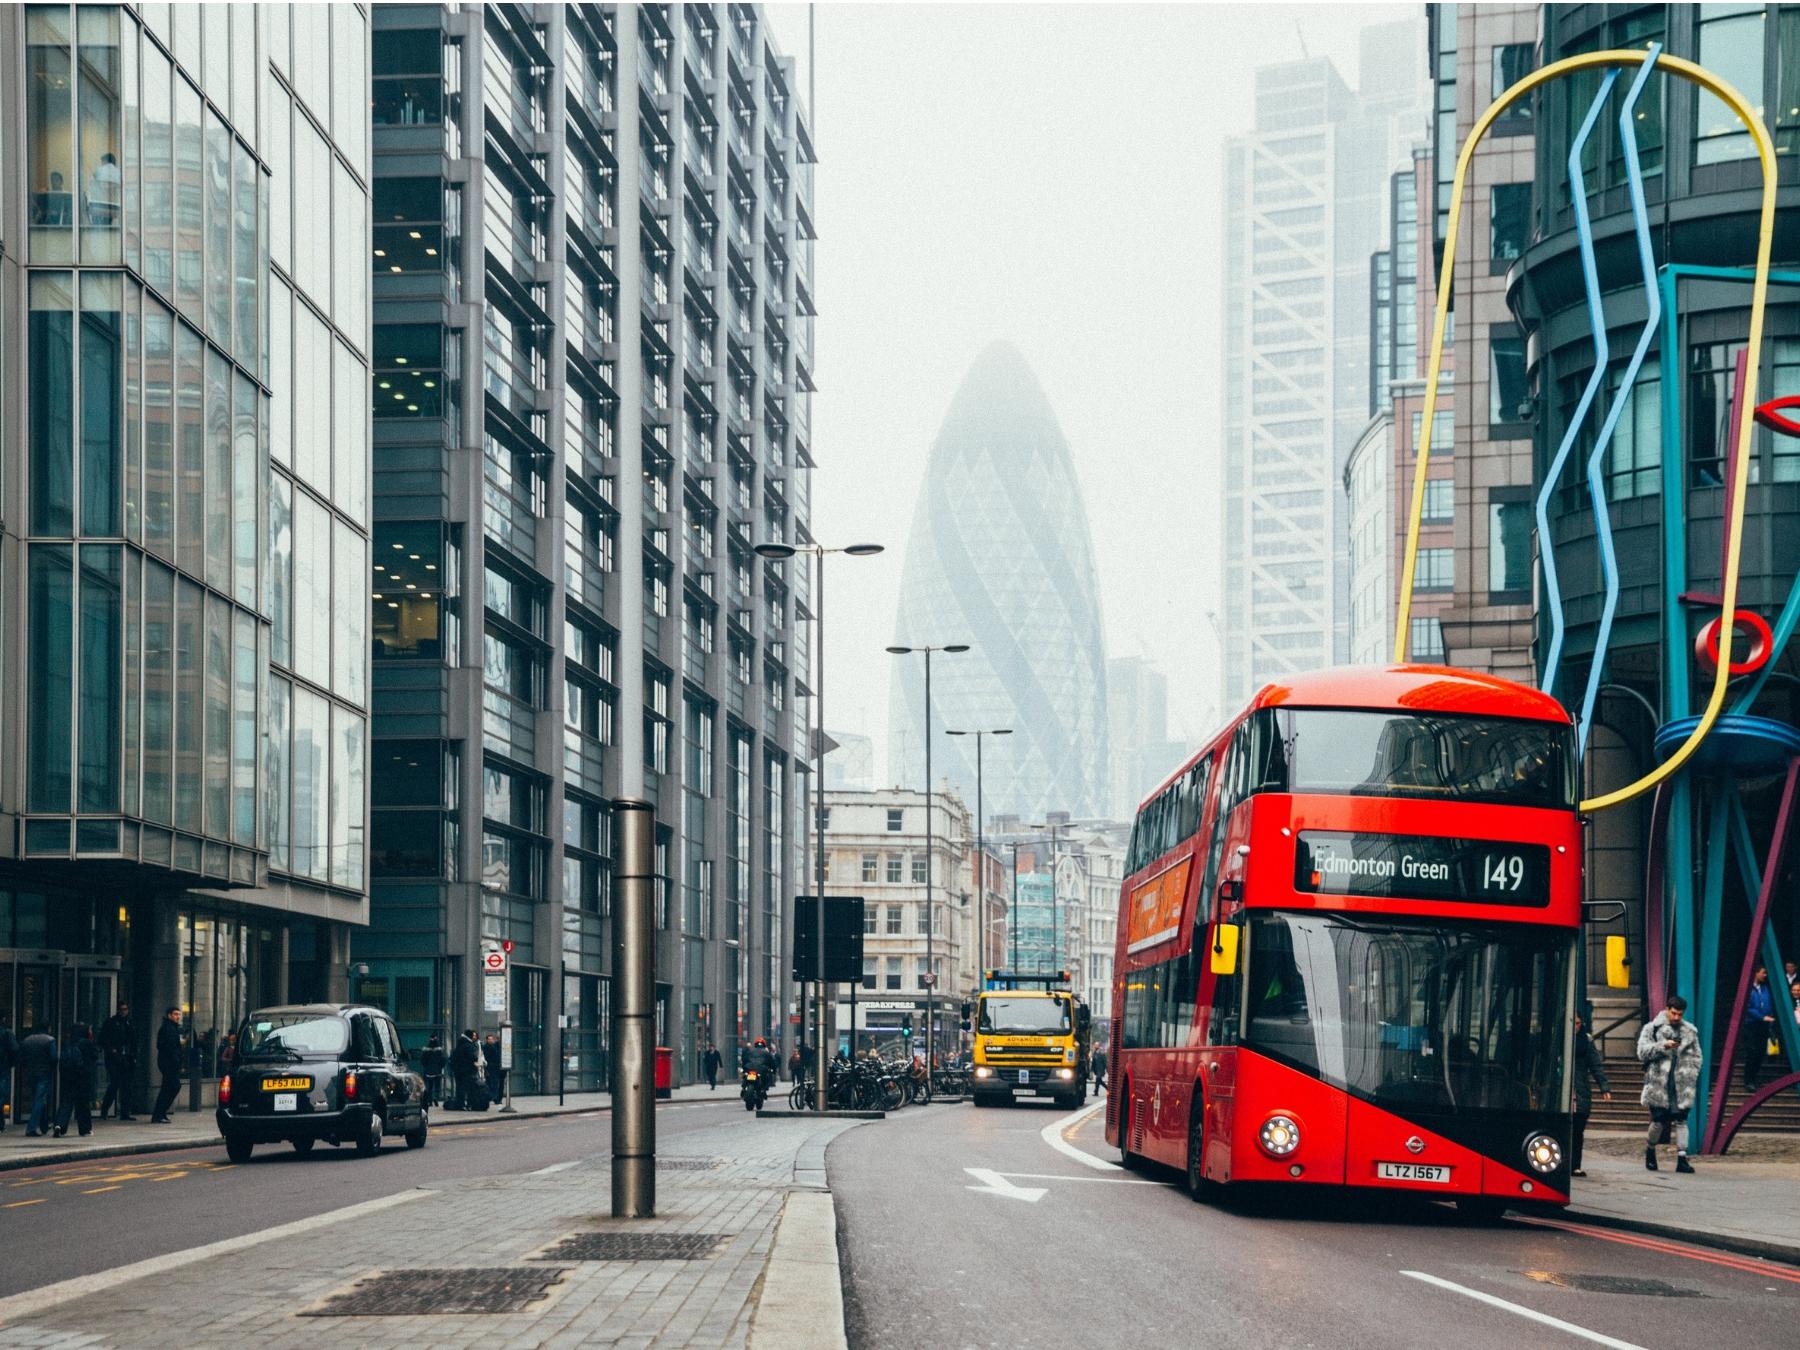 Qual-o-melhor-seguro-para-viagem-a-londres-qual-melhor Qual o melhor seguro para viagem a Londres